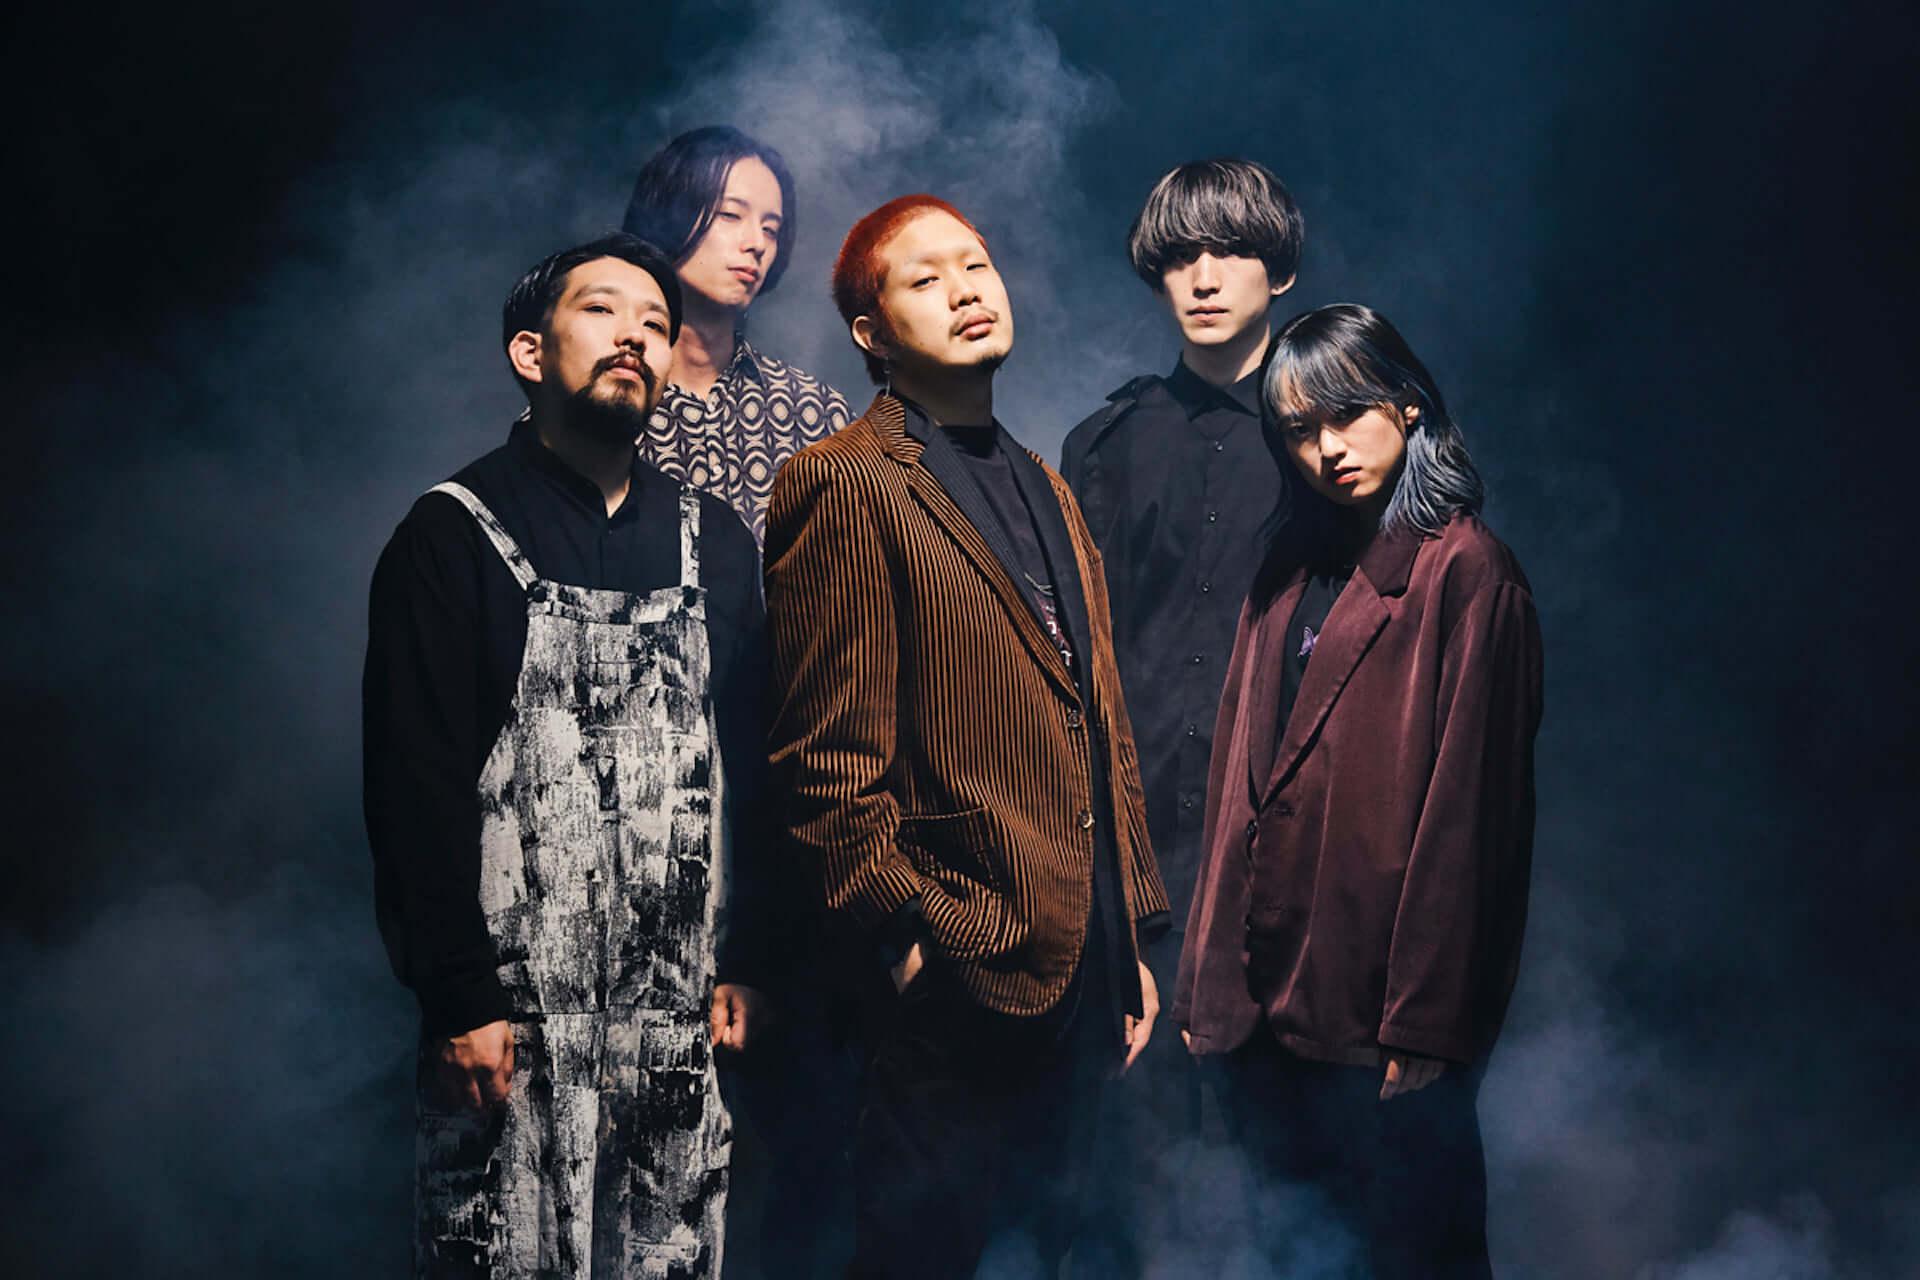 gatoと渋谷Contactによる年末イベント<guf>が開催決定!jinmenusagi、Mari Sakurai、FUJI TRILLらが登場 music201215_gato_1-1920x1280